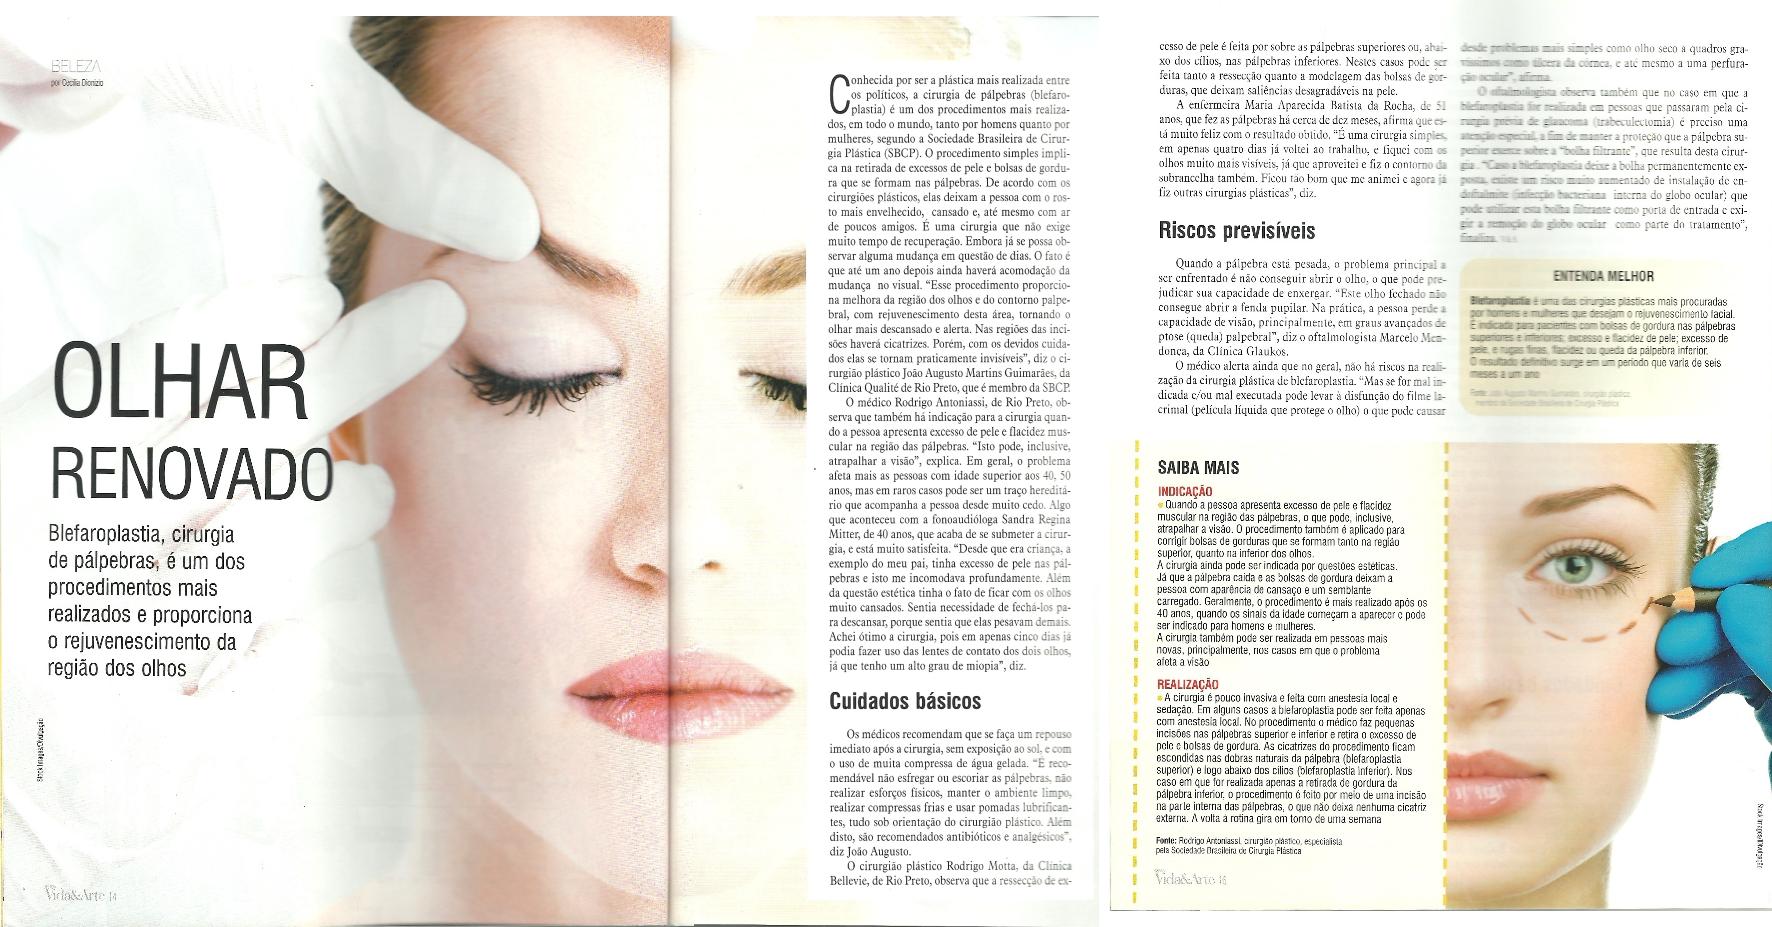 Revista Vida e Arte - Fevereiro 2014